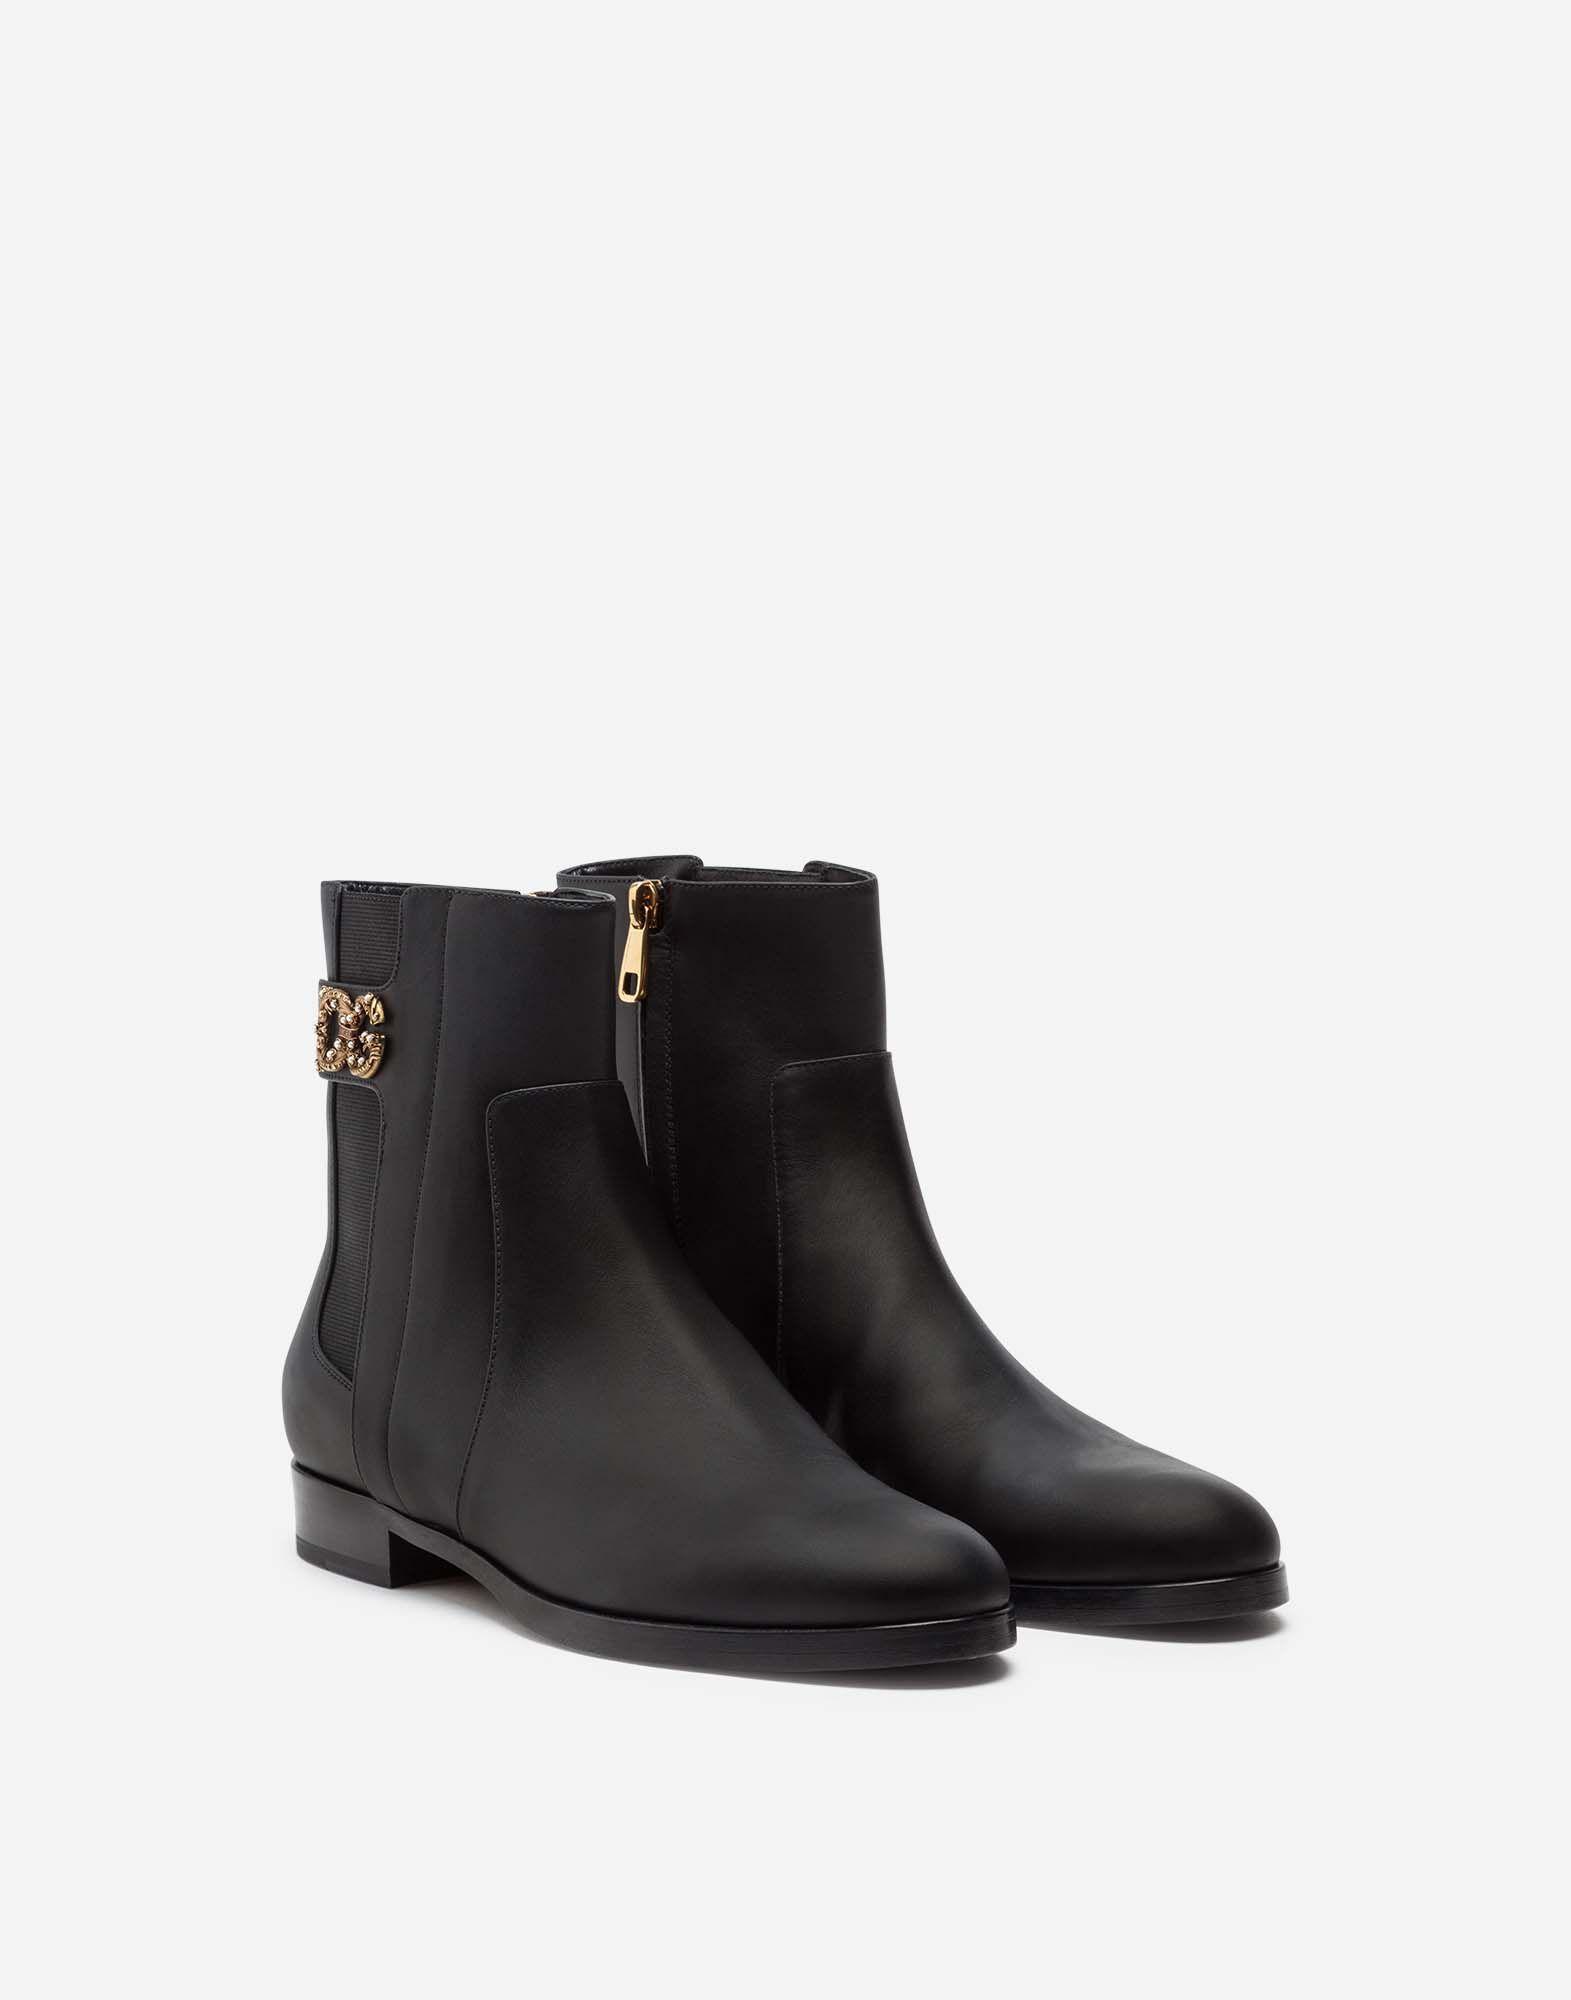 Stiefelette, RAINBOW, schwarz | Stiefeletten, Stiefel und